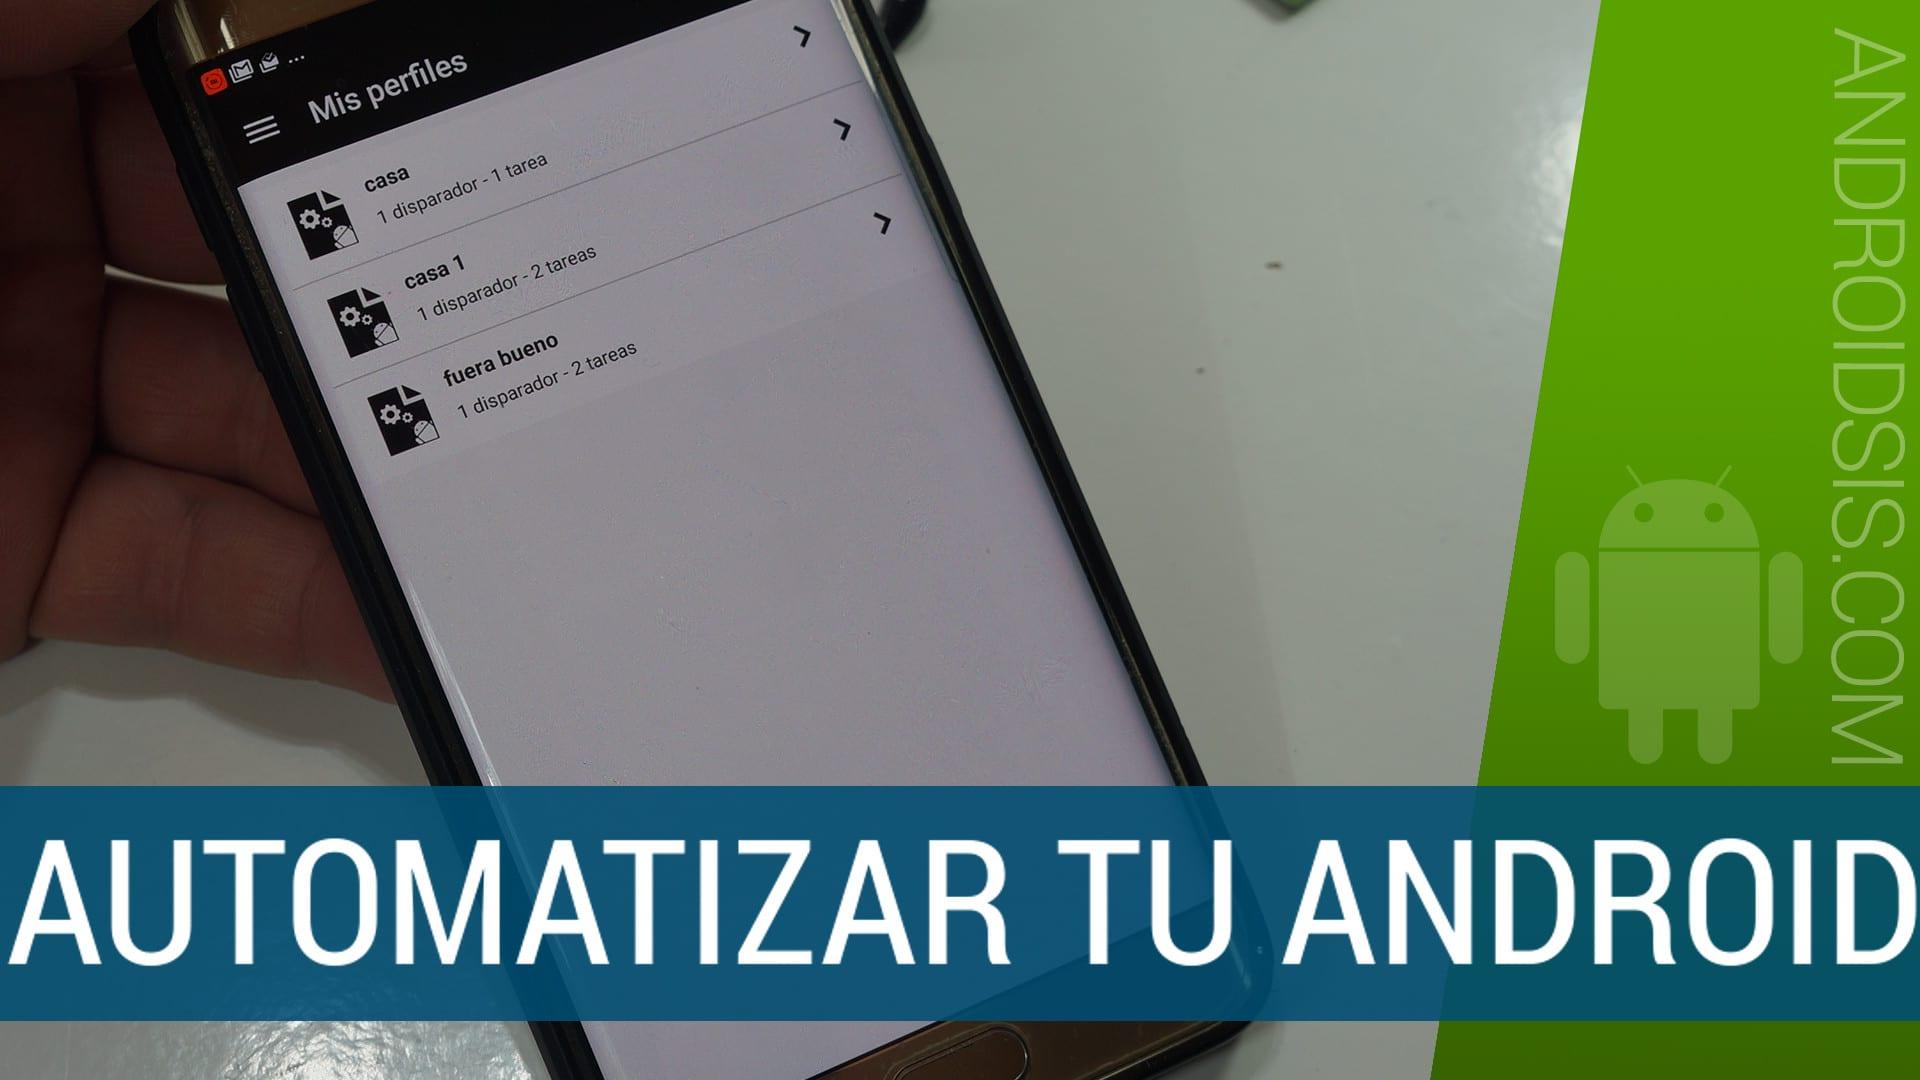 Automatizar Android fácil